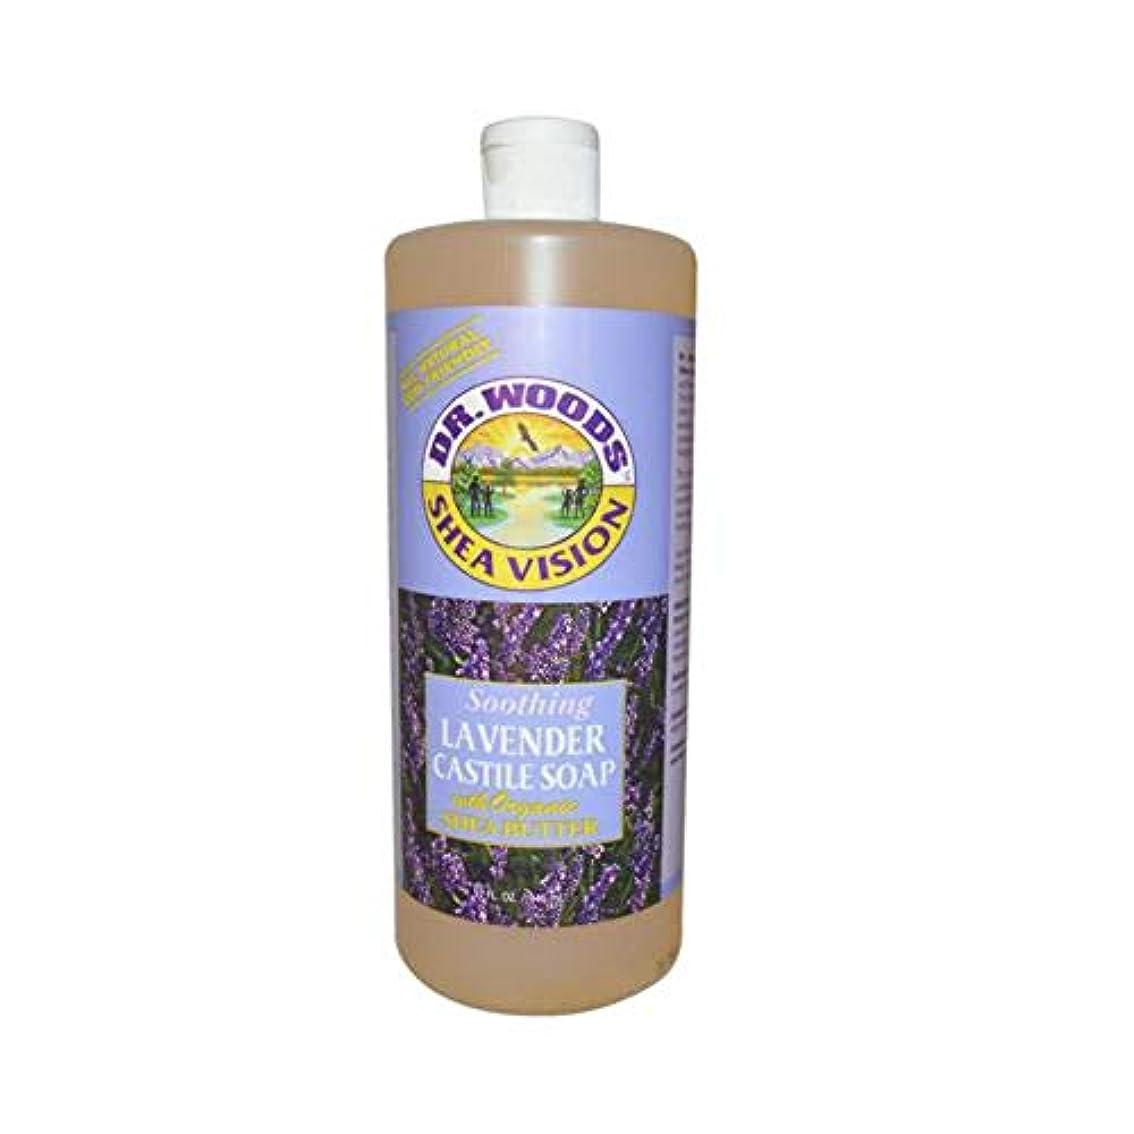 潜在的な謝罪郵便物Dr. Woods, Shea Vision, Soothing Lavender Castile Soap, 32 fl oz (946 ml)